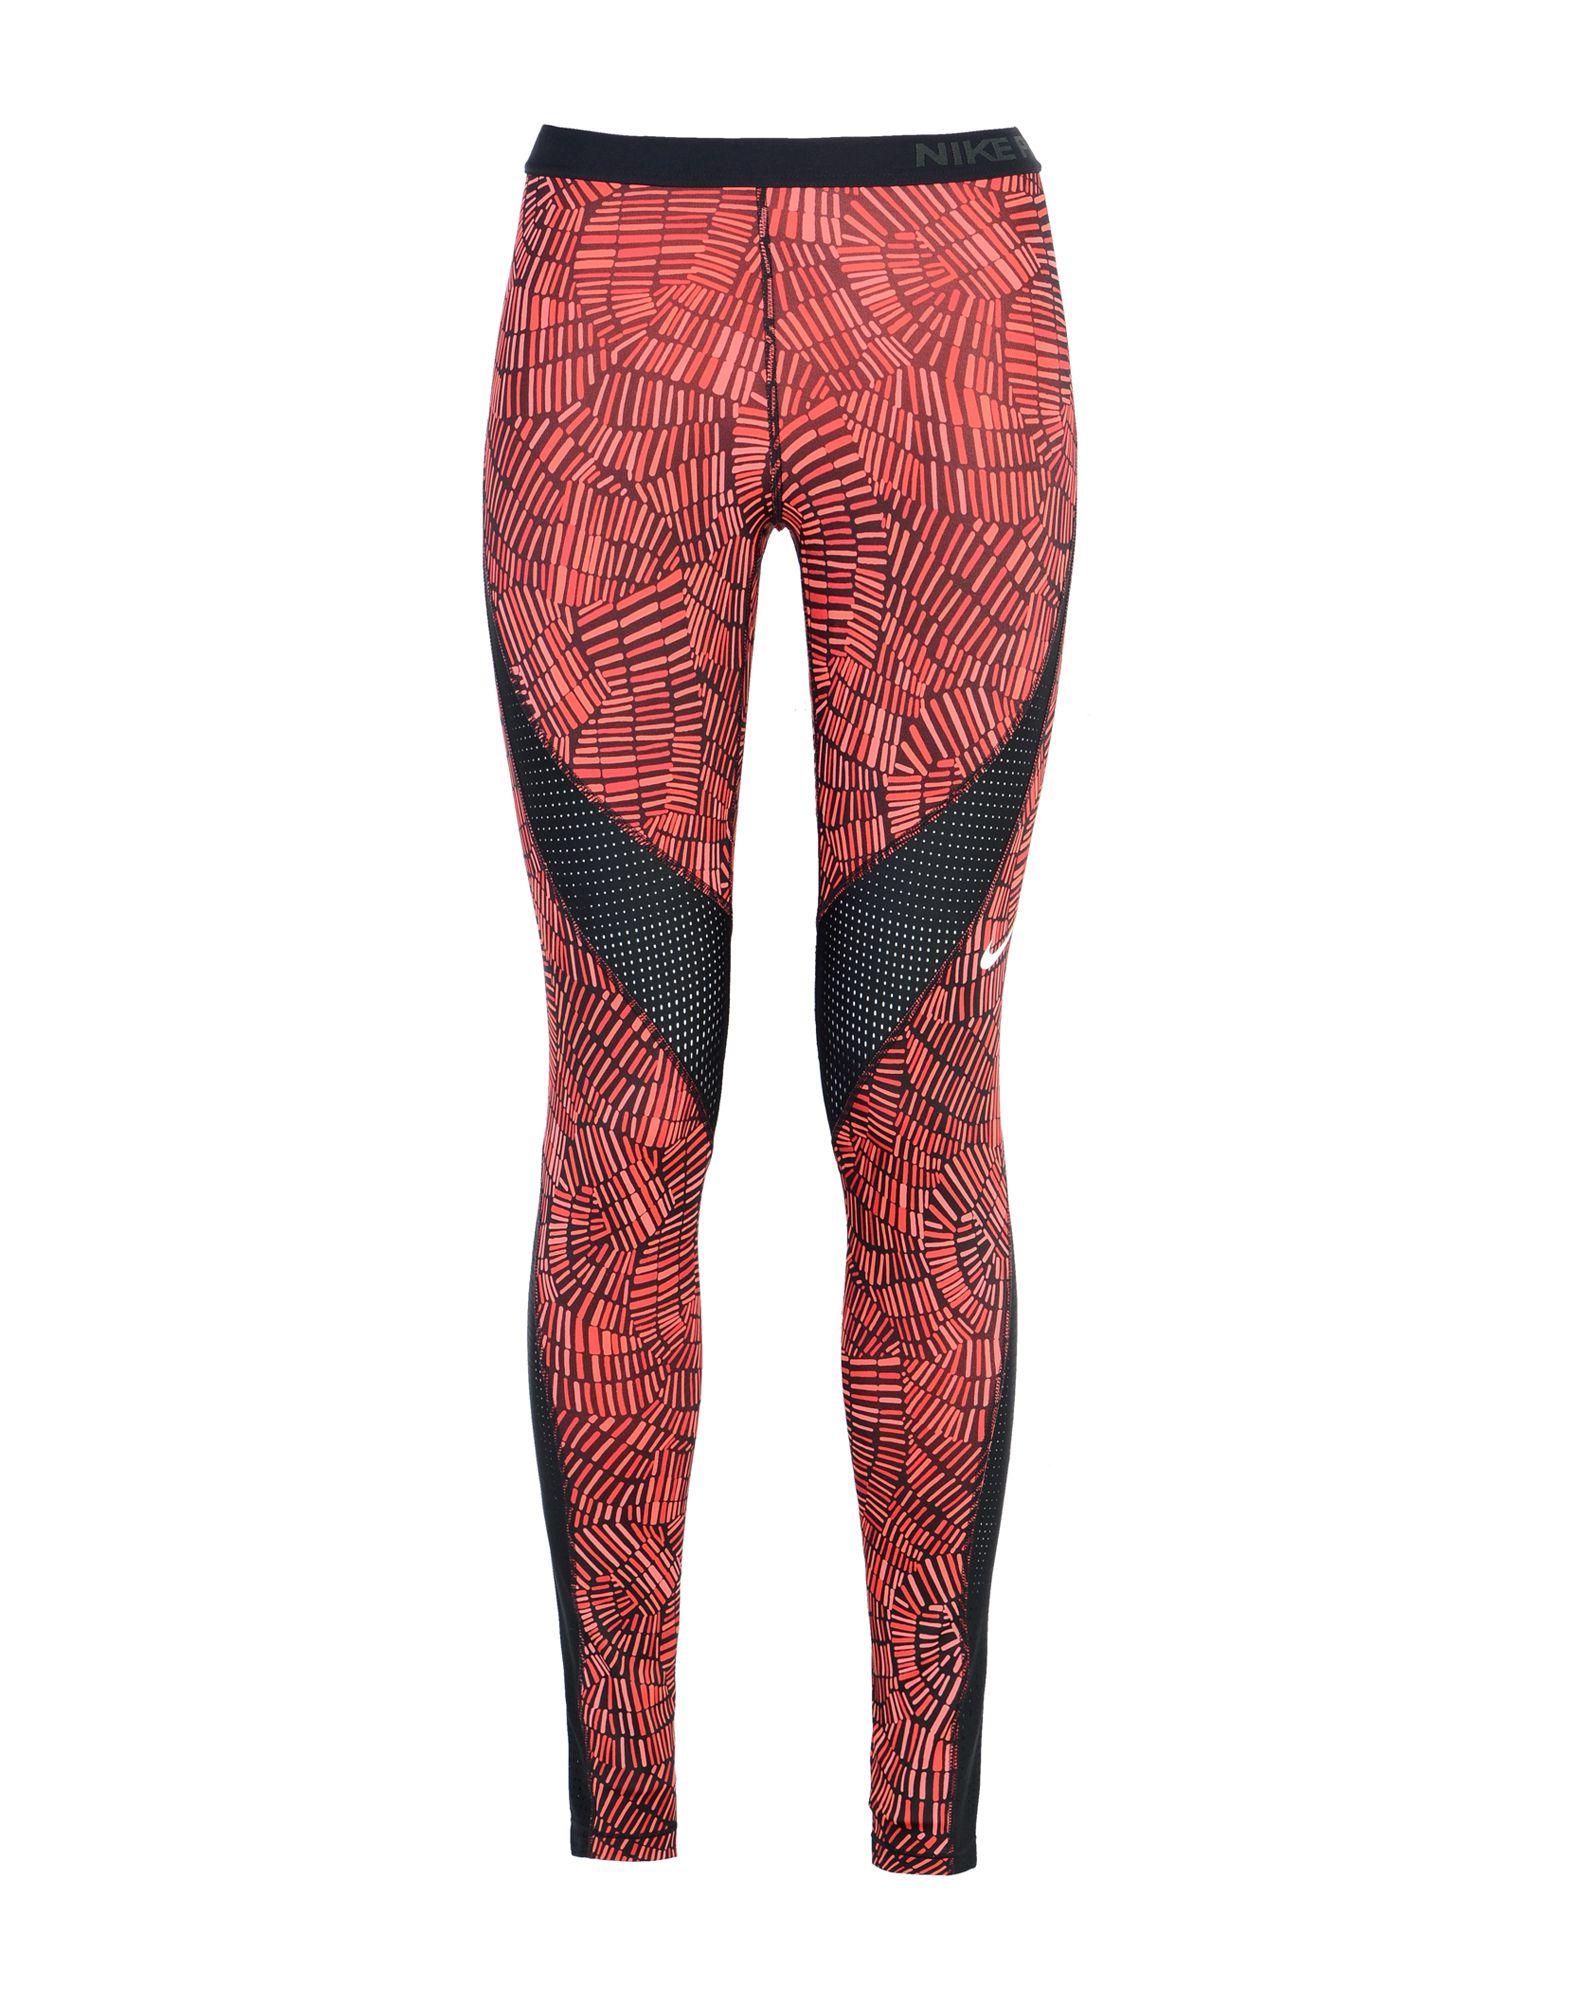 Legging nike rouge femme